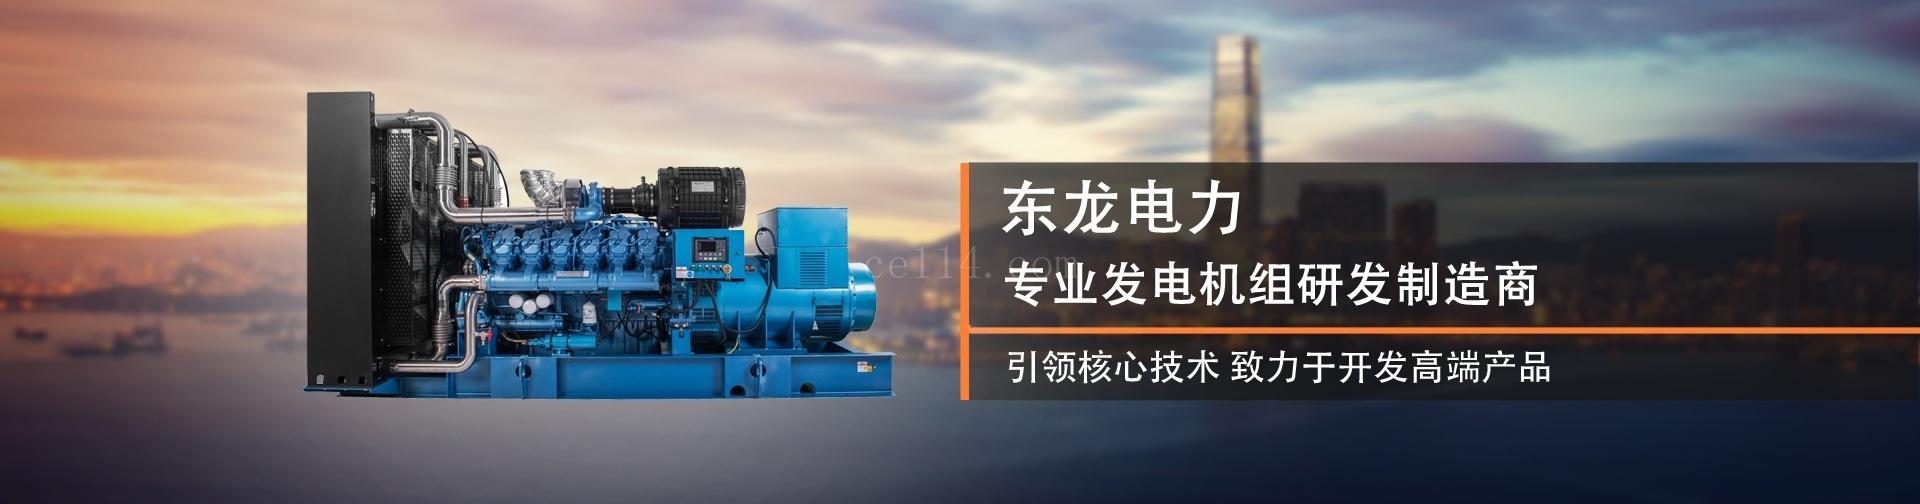 公司简介-福建龙岩东龙机电有限公司